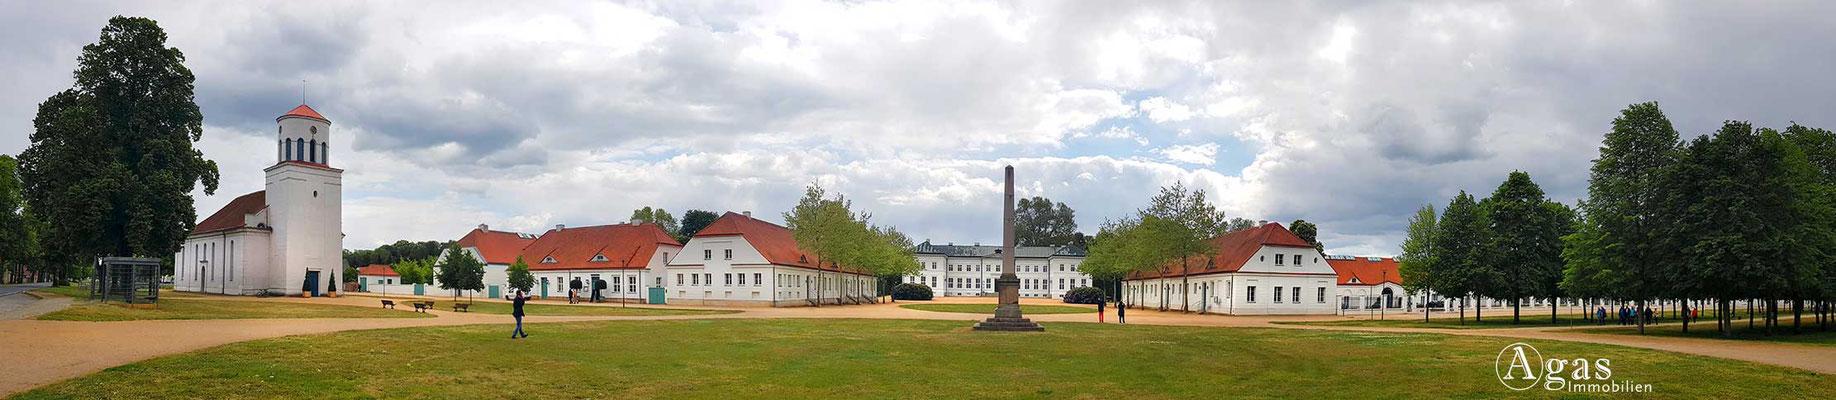 Immobilienmakler Neuhardenberg - Schinkelkirche, Ausstellungsgebäude im Schlosspark